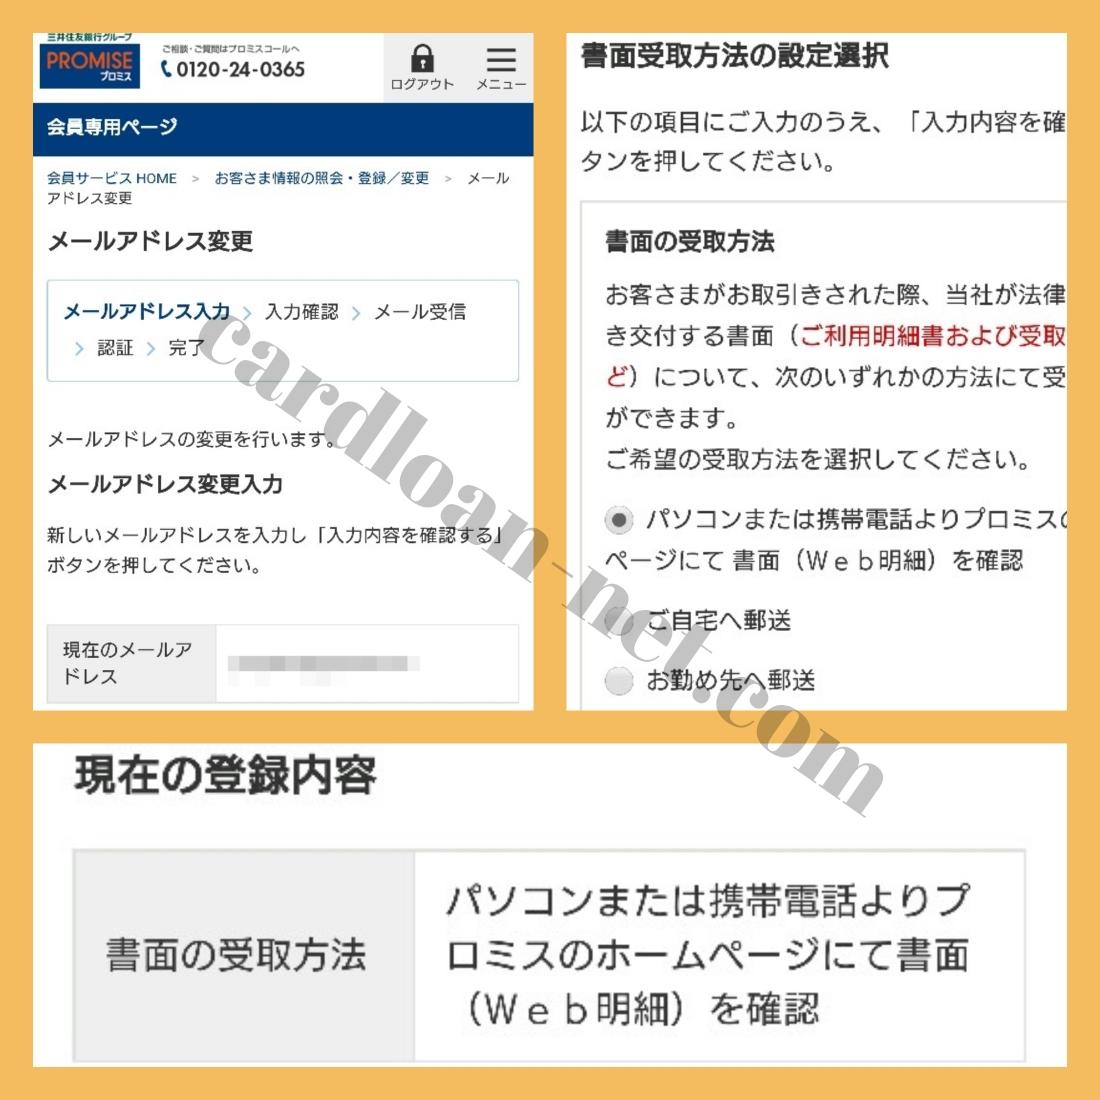 プロミスの会員ページ メアドとWEB明細を確認